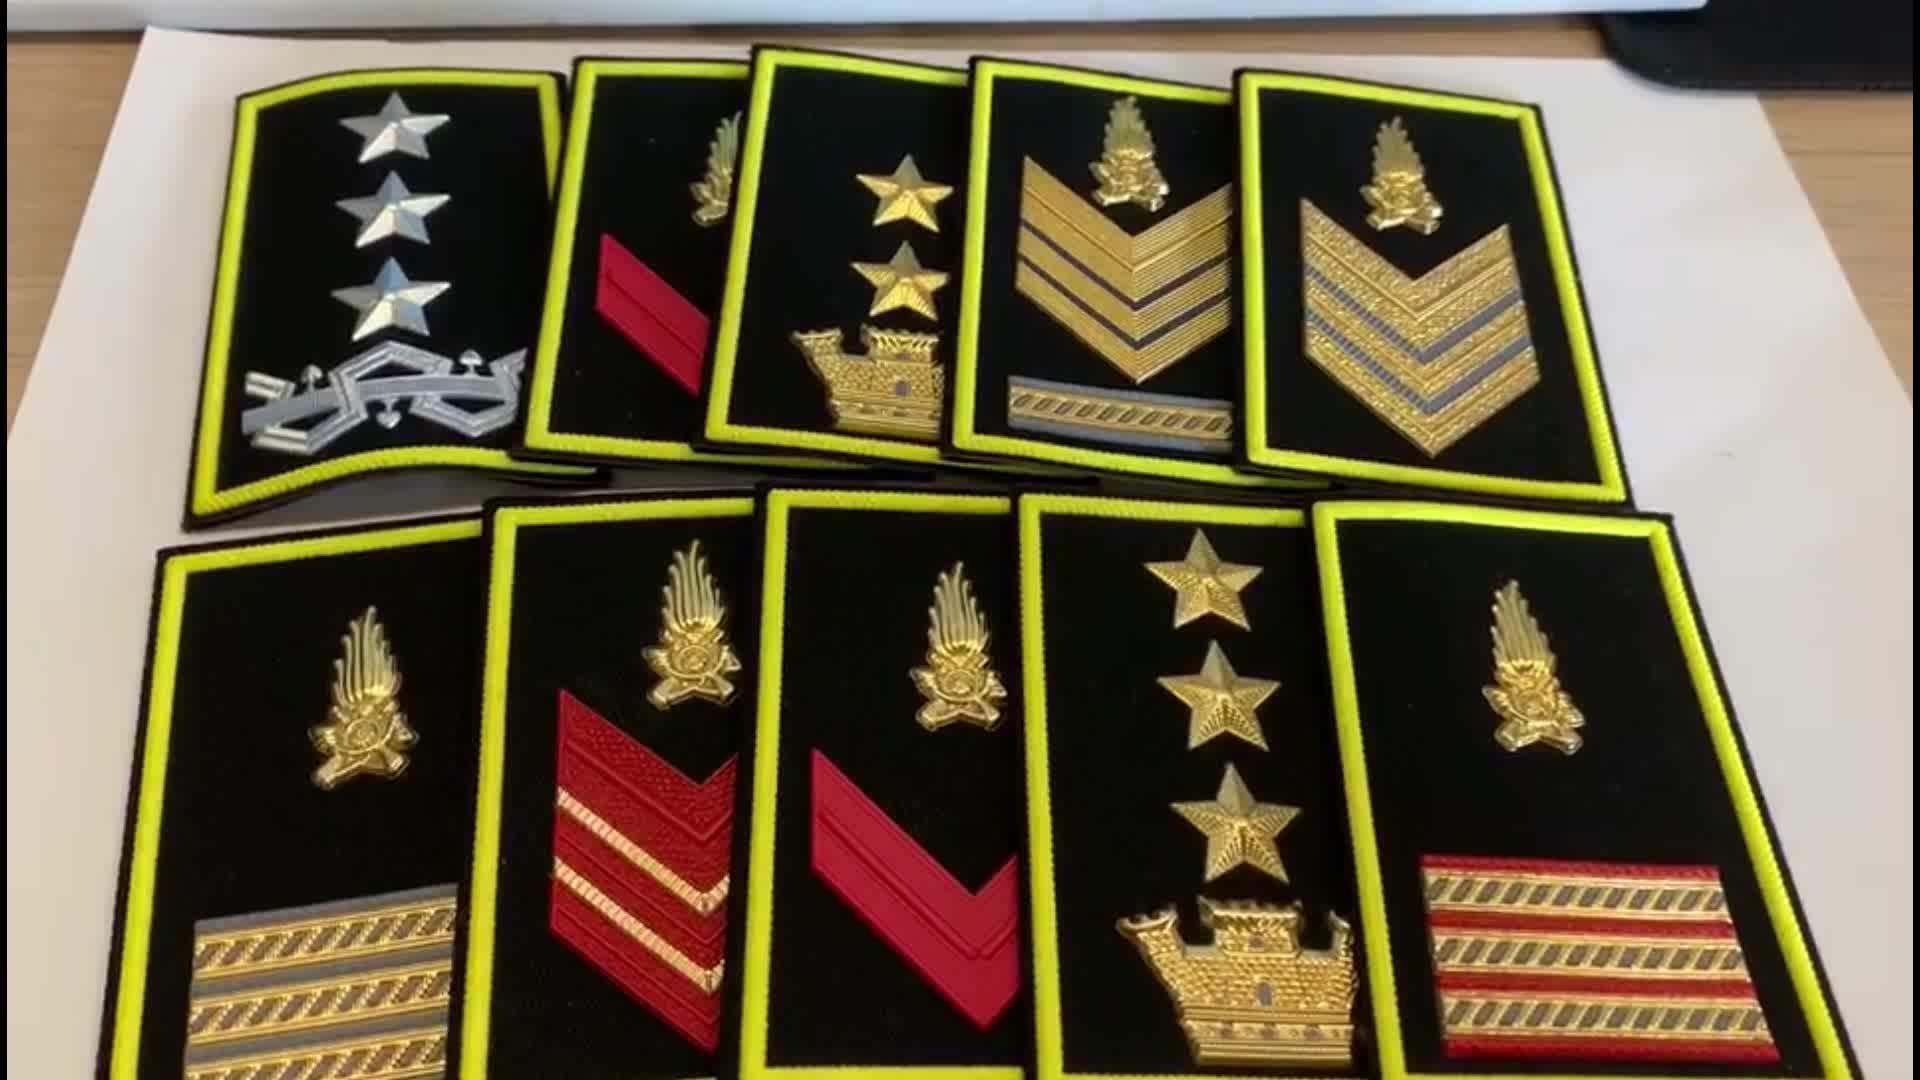 Di alta Qualità Spallina Rank Spalla Schede Custom Pilota Distintivo Della Spalla Spallina Africa Indiano Uniforme Militare Dell'esercito di Accessori